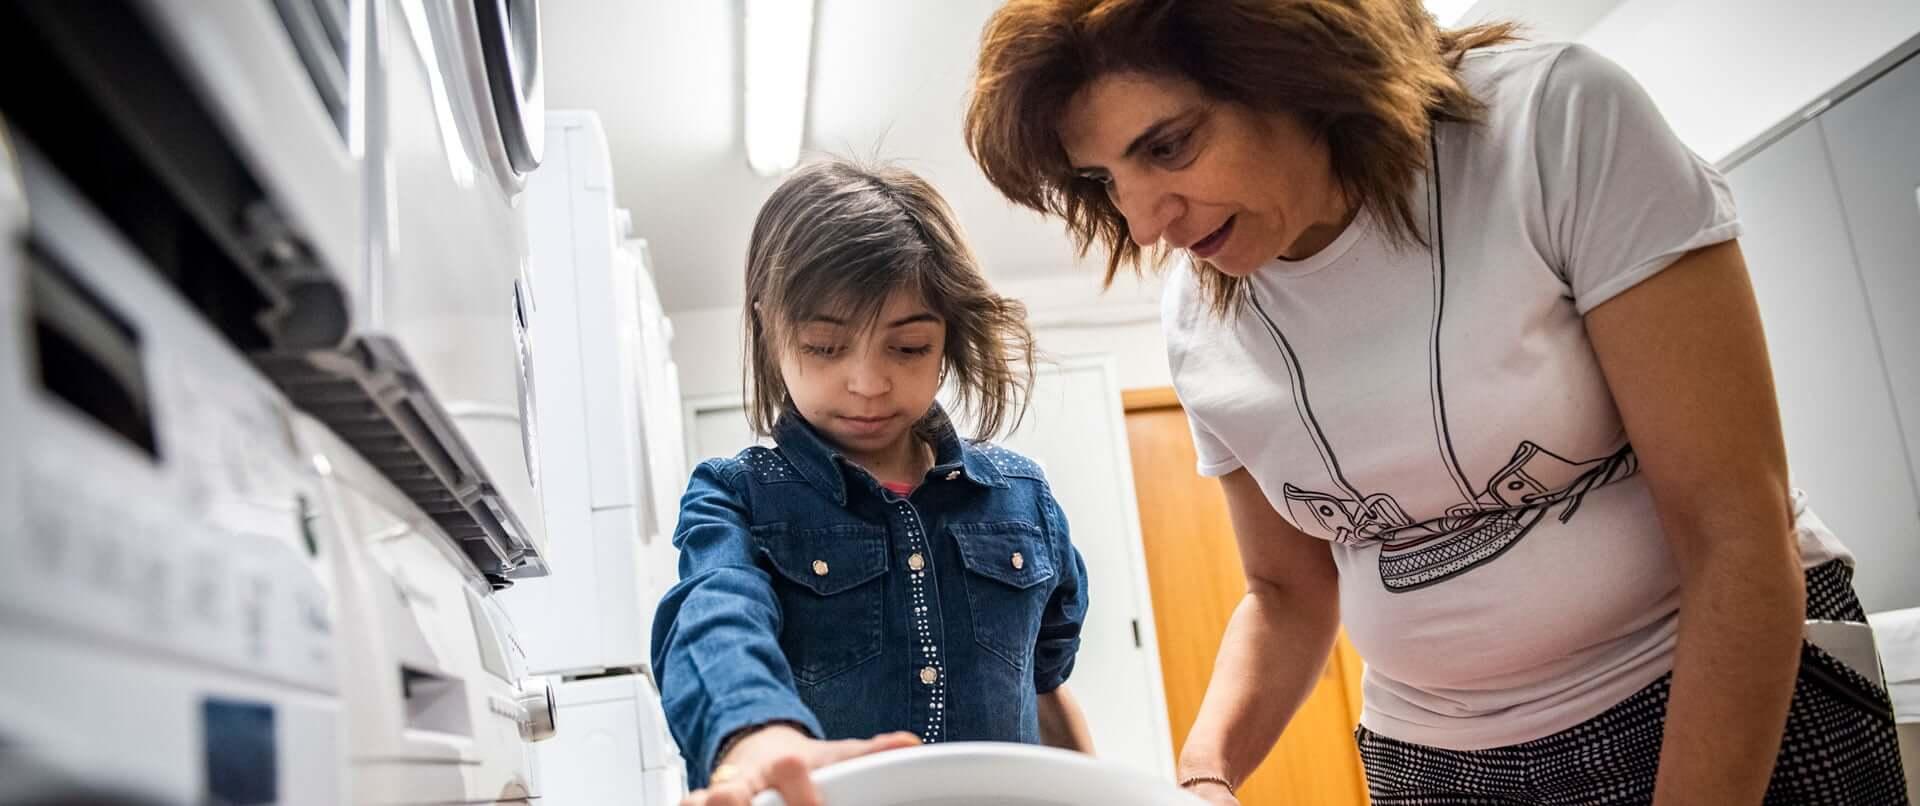 Bambina e madre in lavanderia